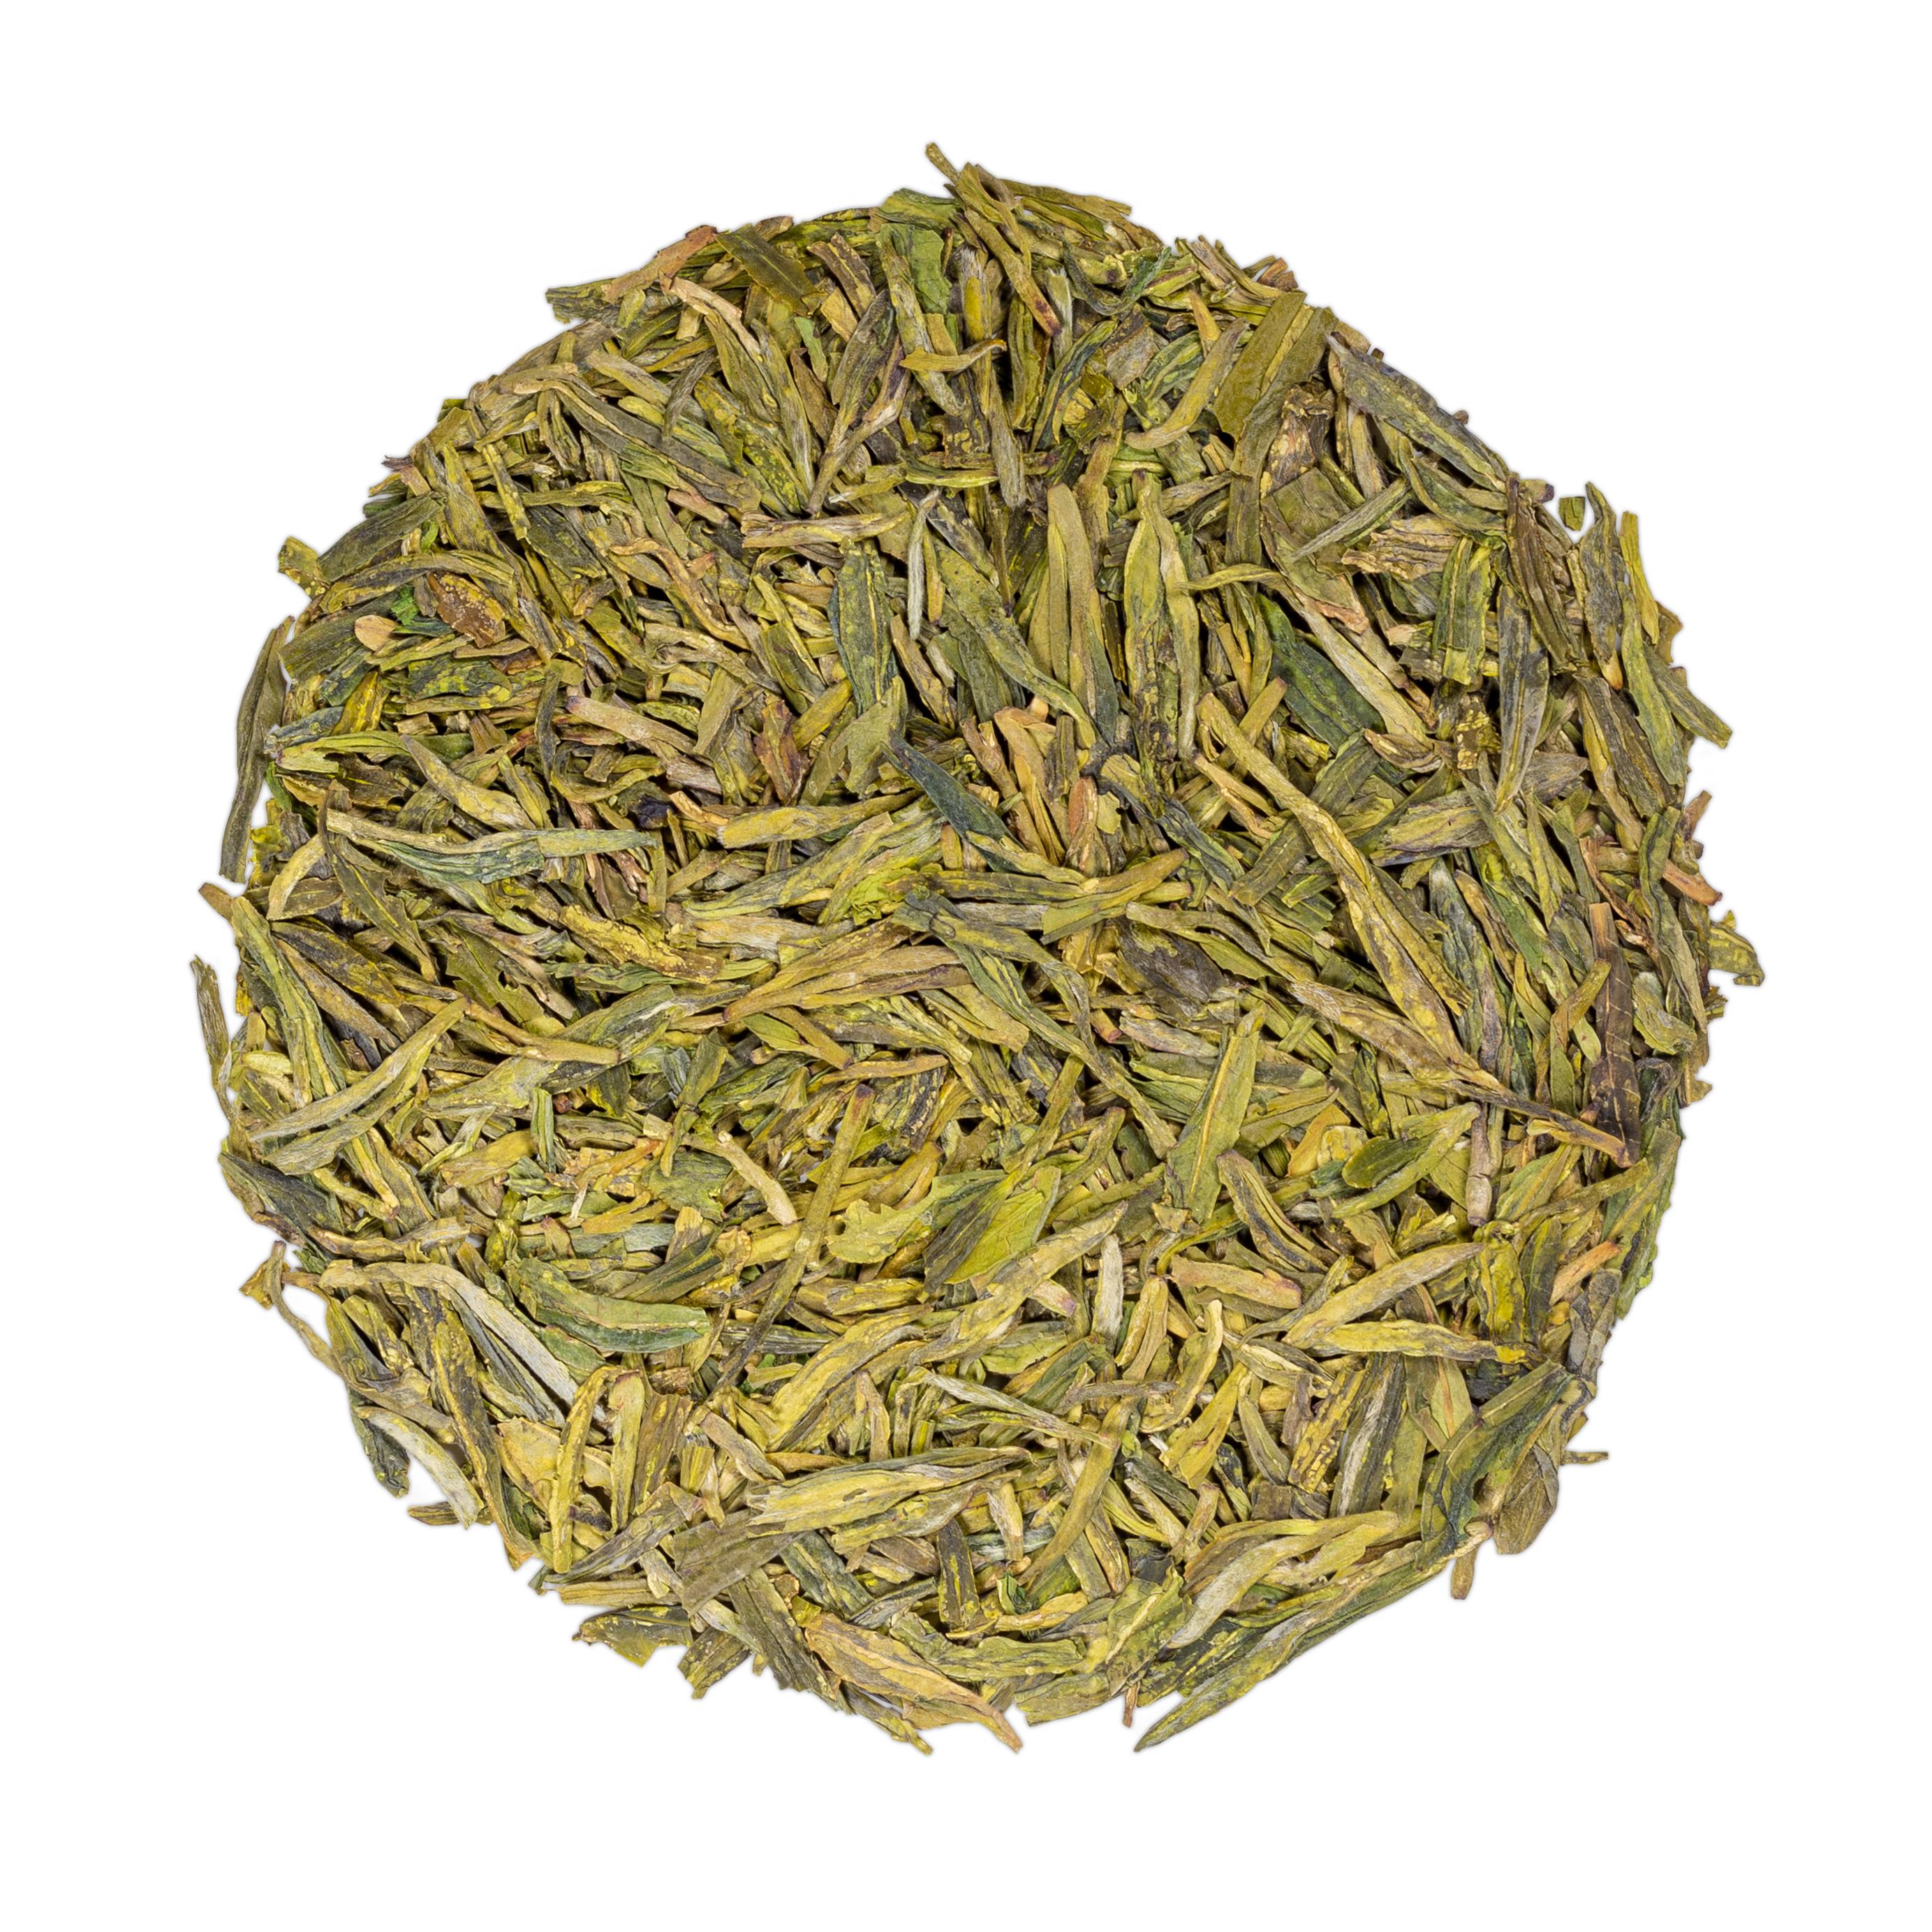 KUSMI TEA Long Jing, Hangzhou Zhejiang bio - Thé vert de Chine - Kusmi Tea